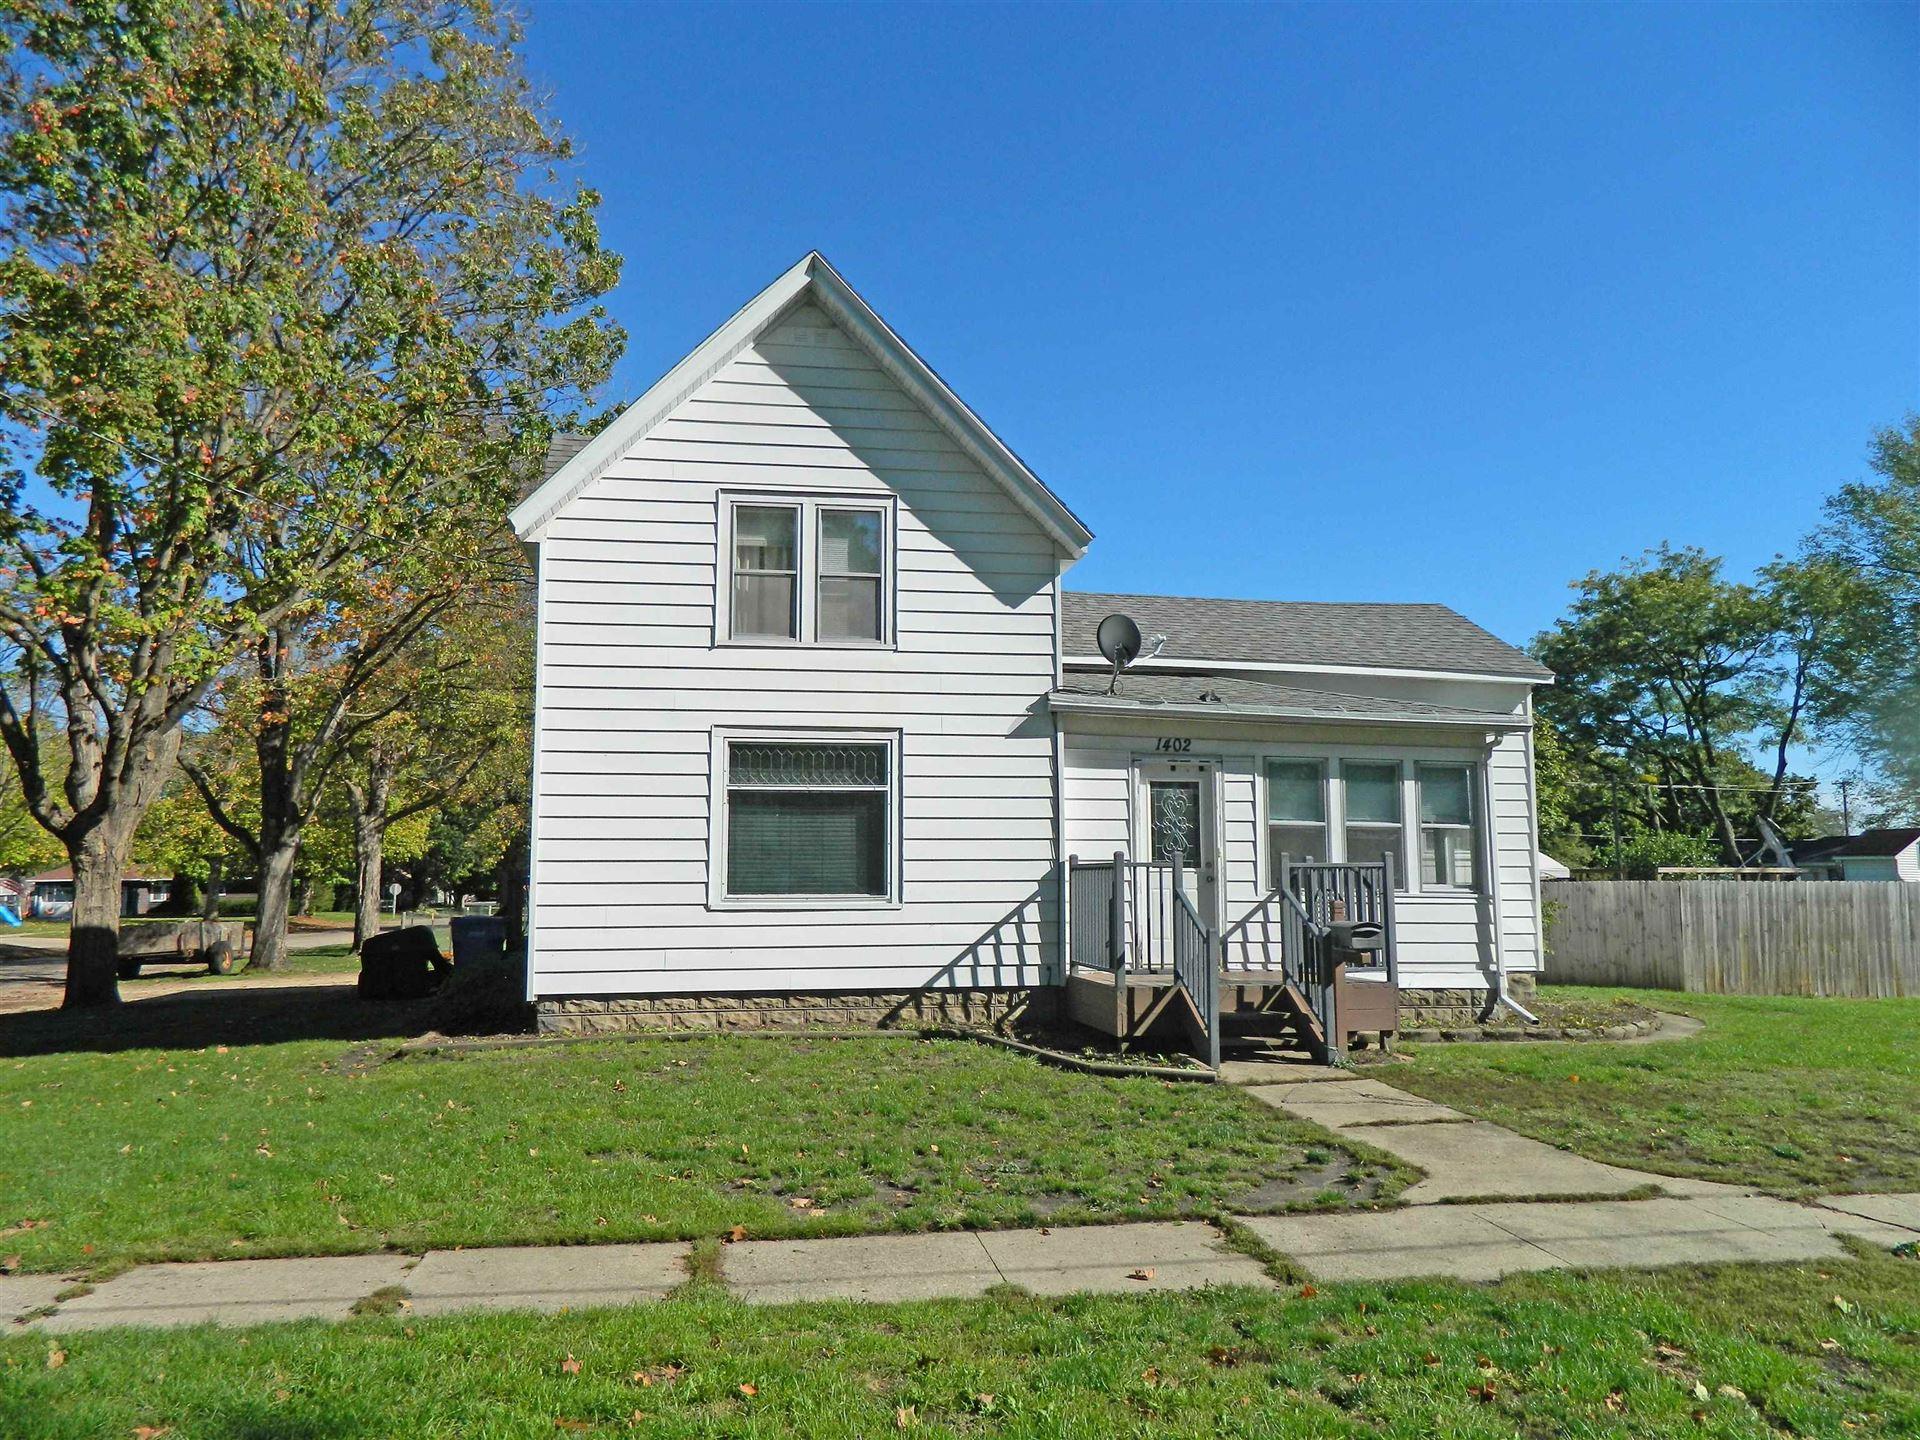 1402 E 3rd Ave, Brodhead, WI 53520 - #: 1921950